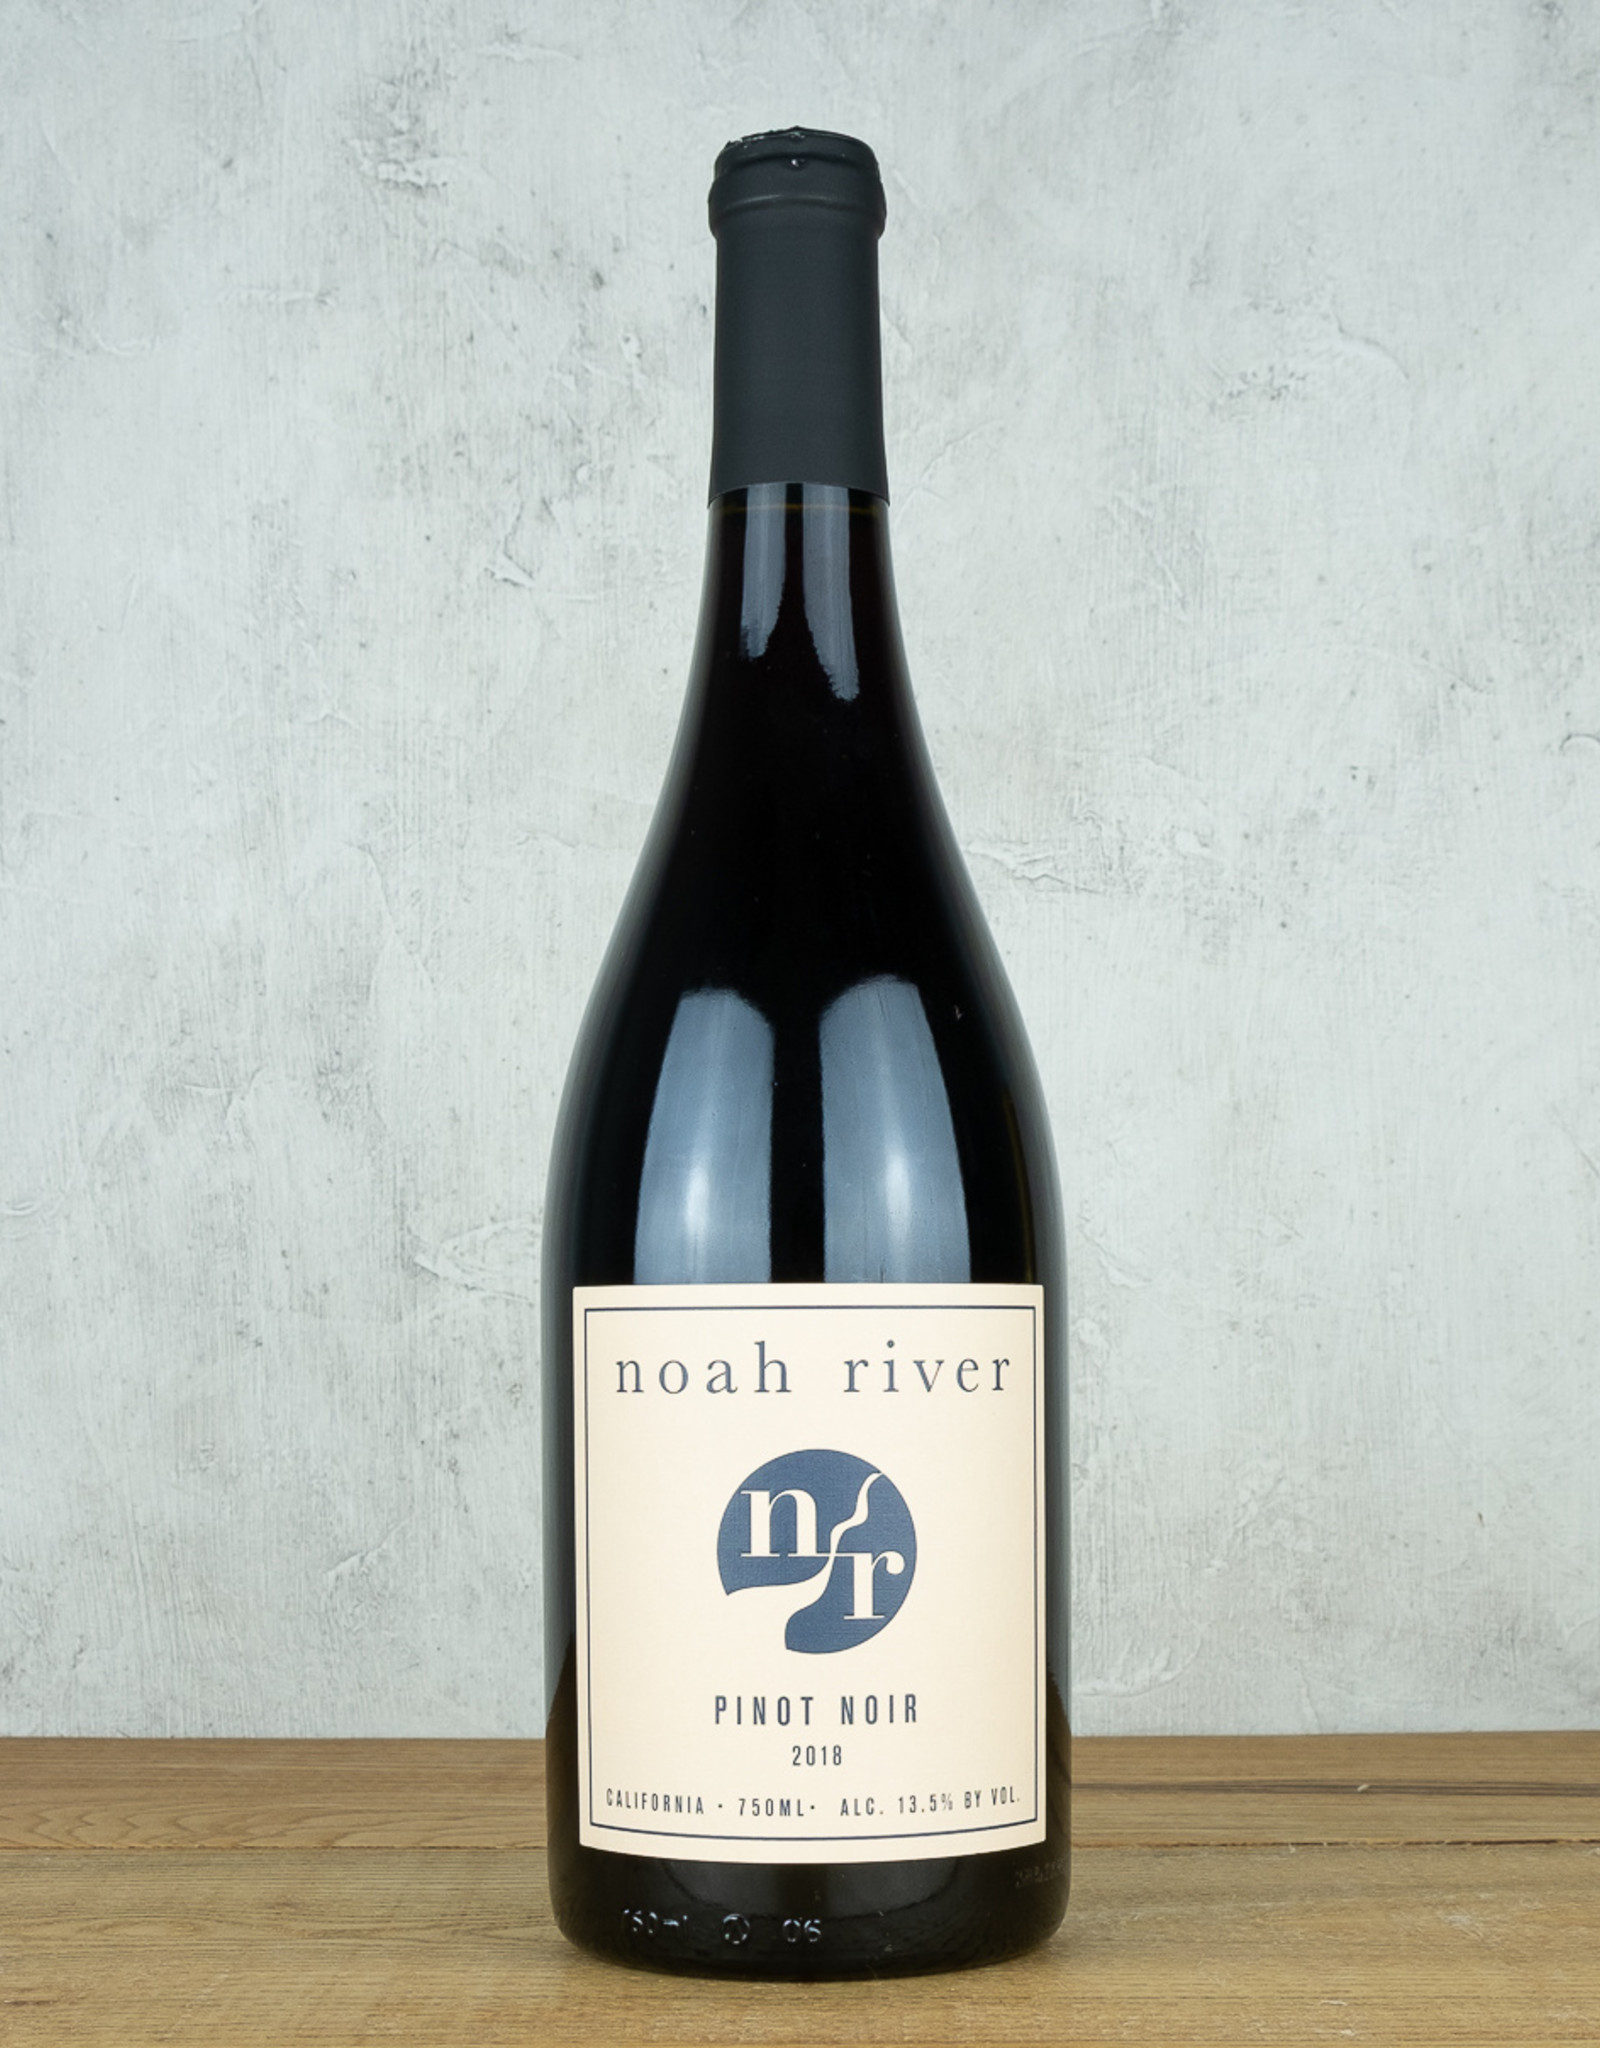 Noah River Pinot Noir